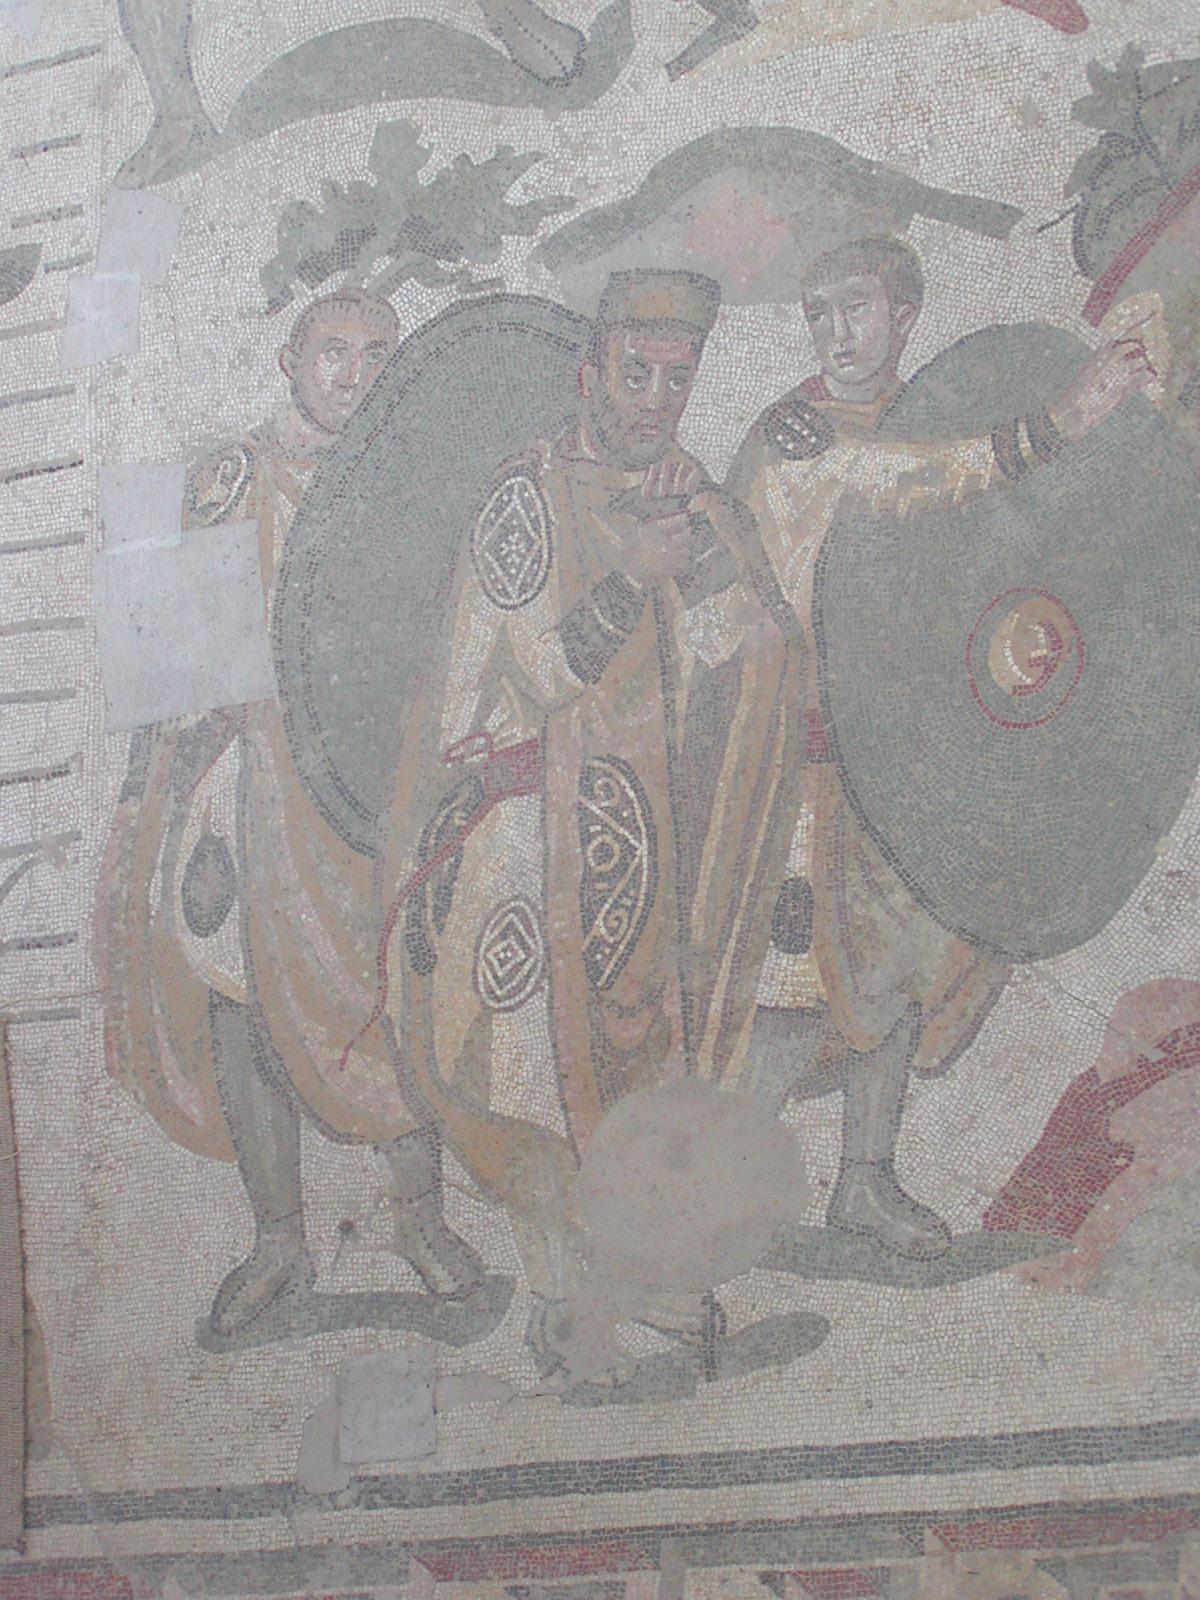 Villa Romana del Casale - the Roman official in charge